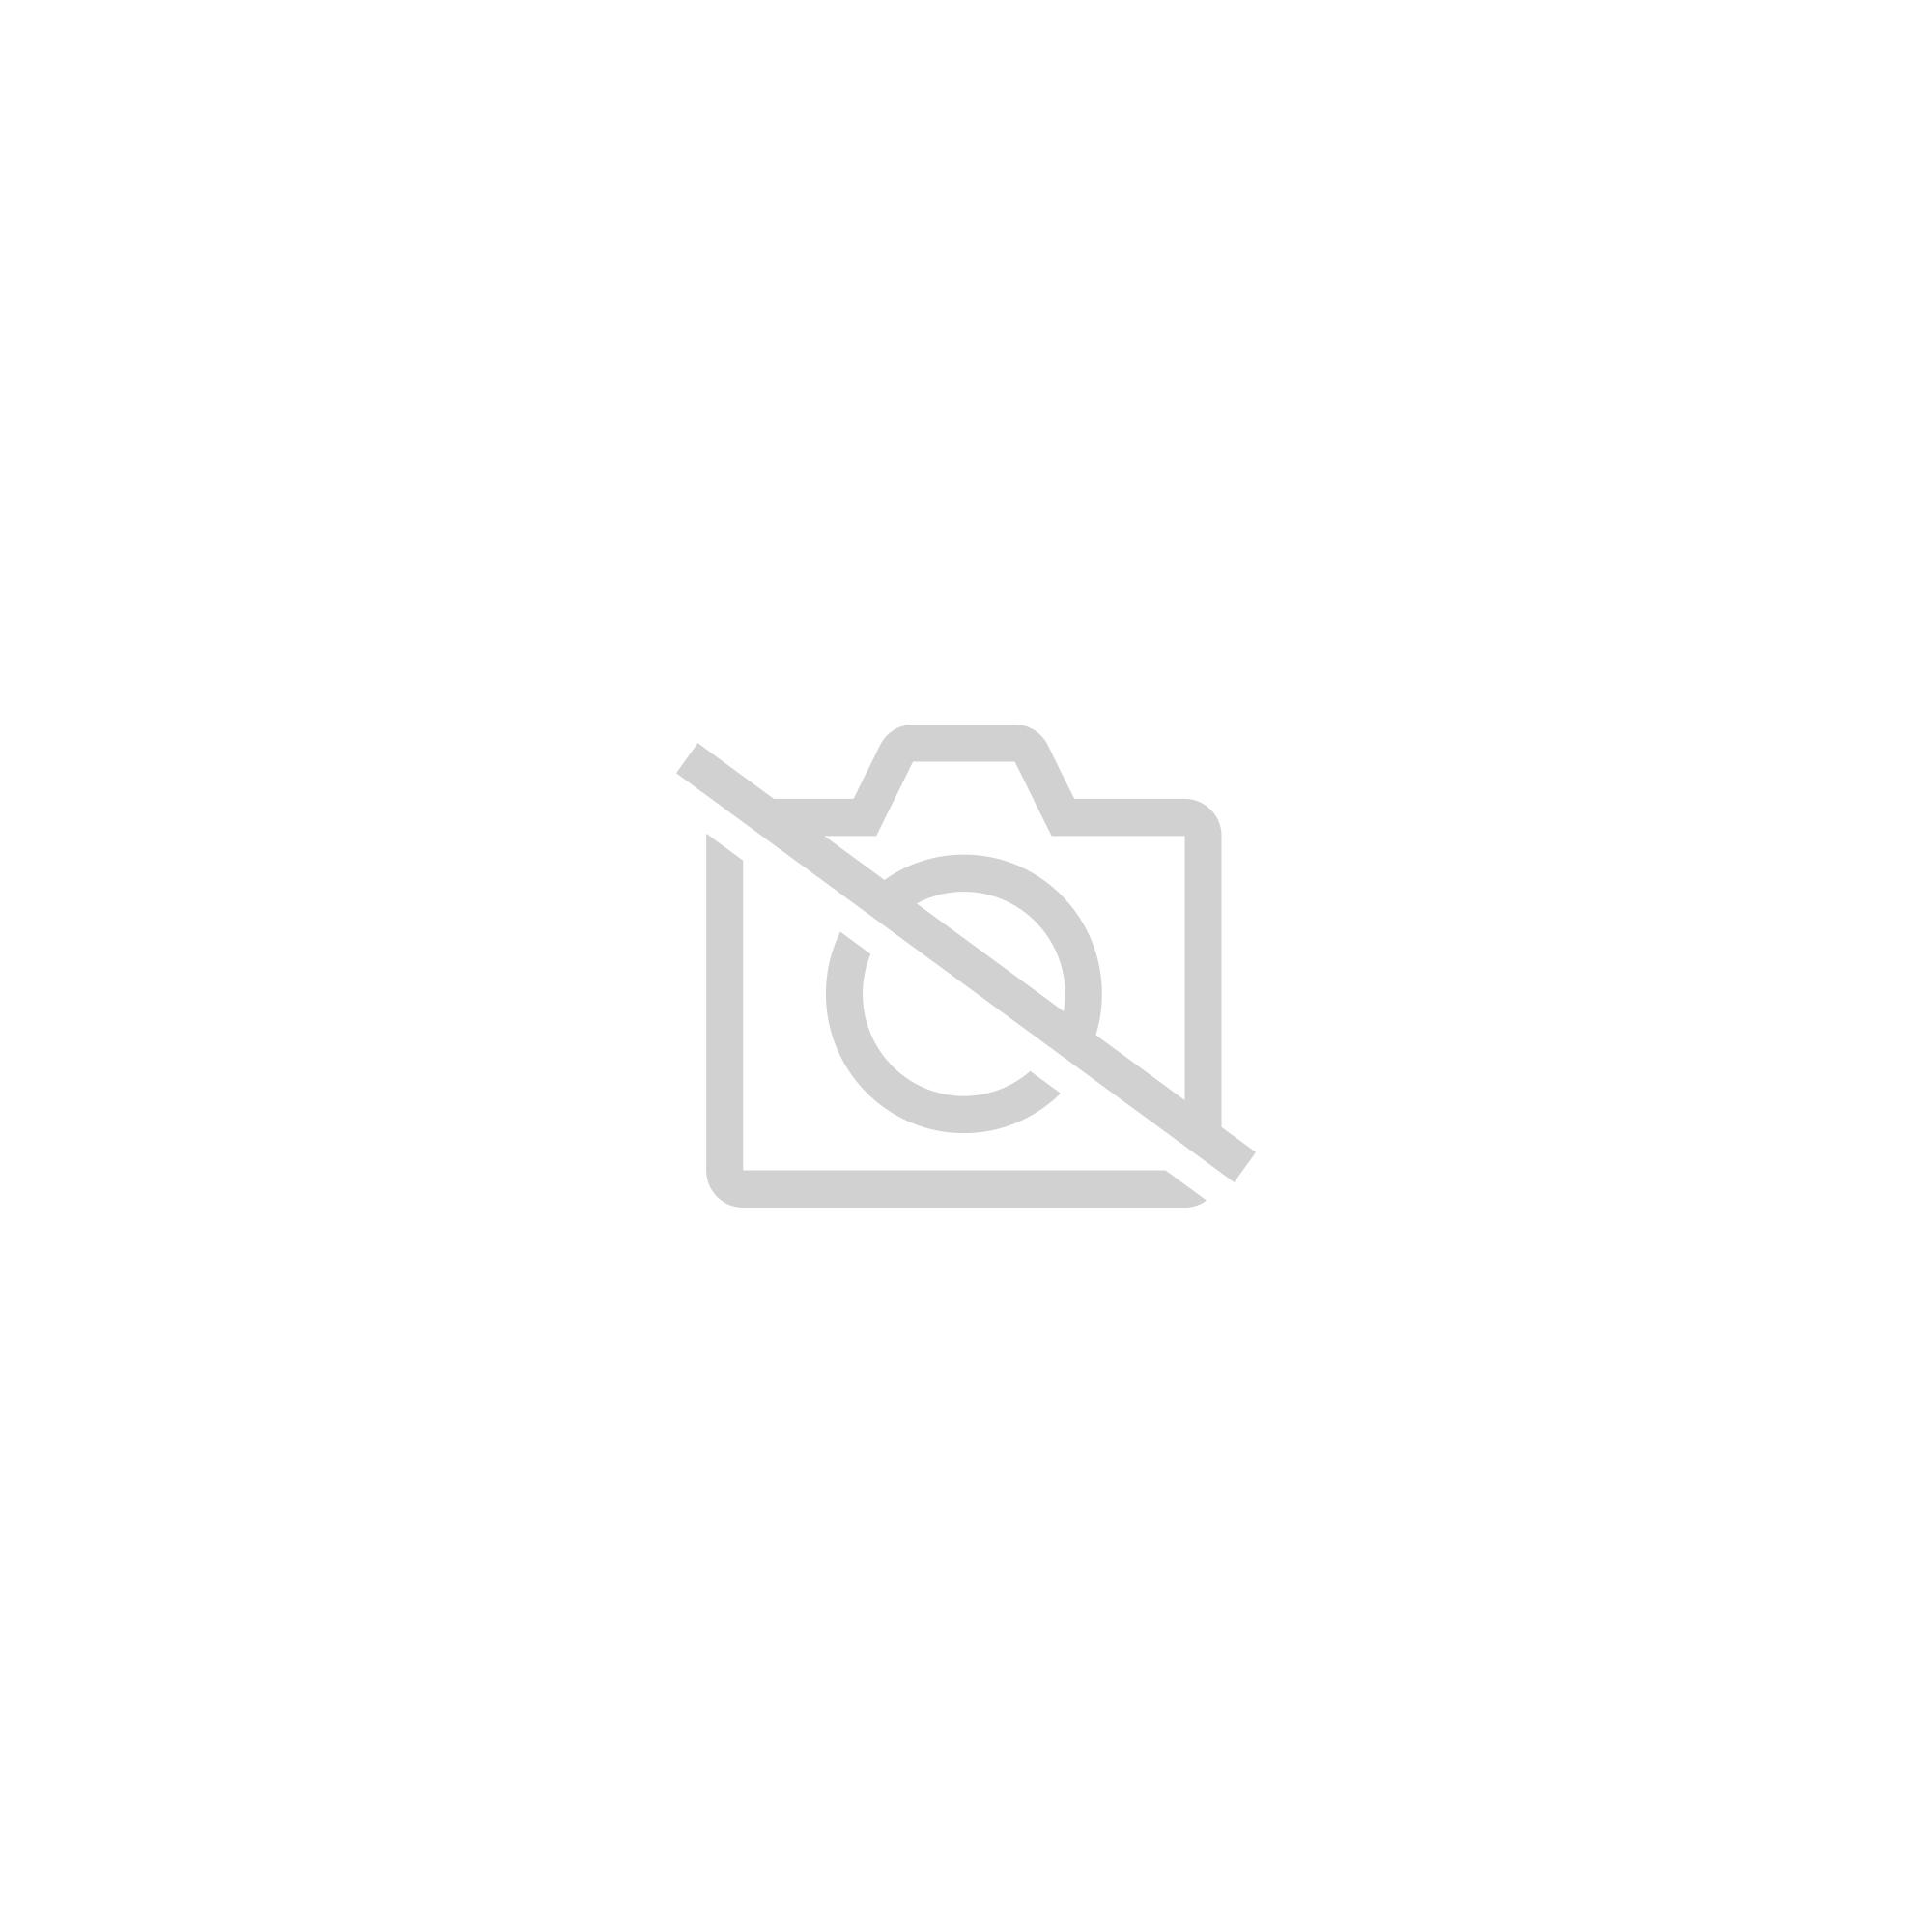 Officiel Harry Potter Maison Points Goblet Of Fire II Coque D'Arrière Rigide Pour iPhone 7